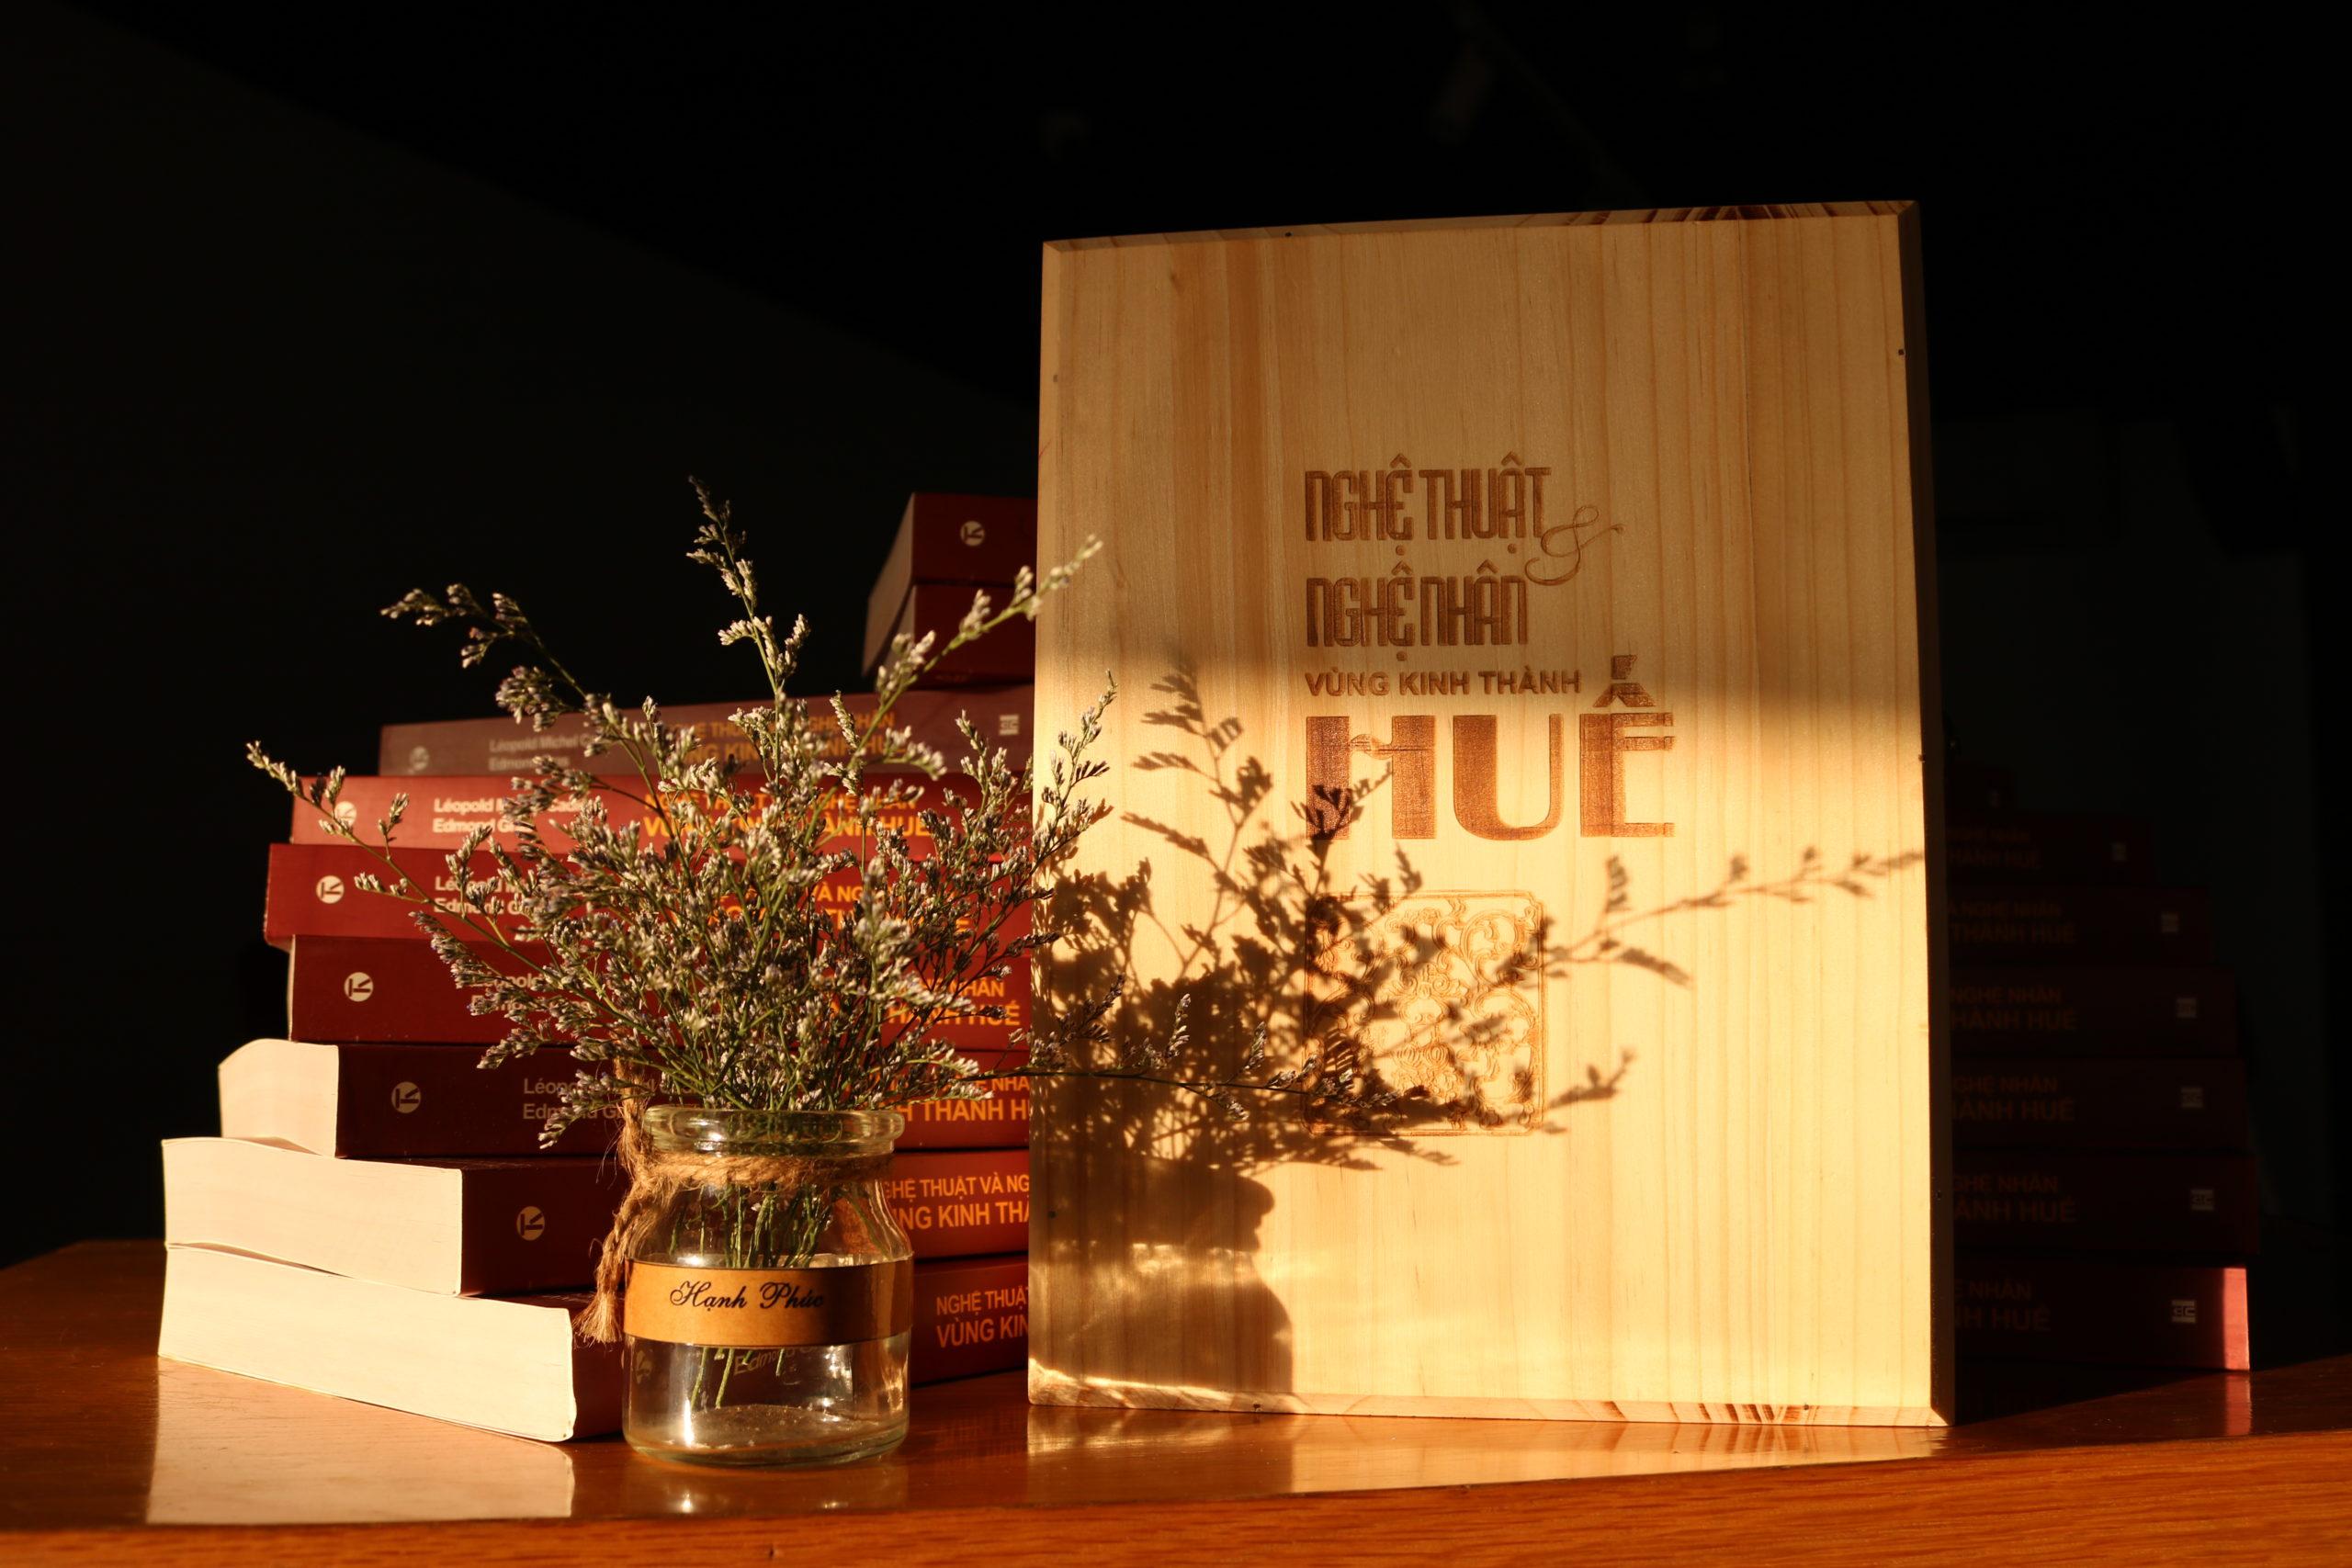 """Xác lập mức giá kỷ lục ấn bản siêu đặc biệt cuốn """"Nghệ thuật và nghệ nhân vùng Kinh thành Huế"""": 42.000.000đ (bốn mươi hai triệu đồng)"""